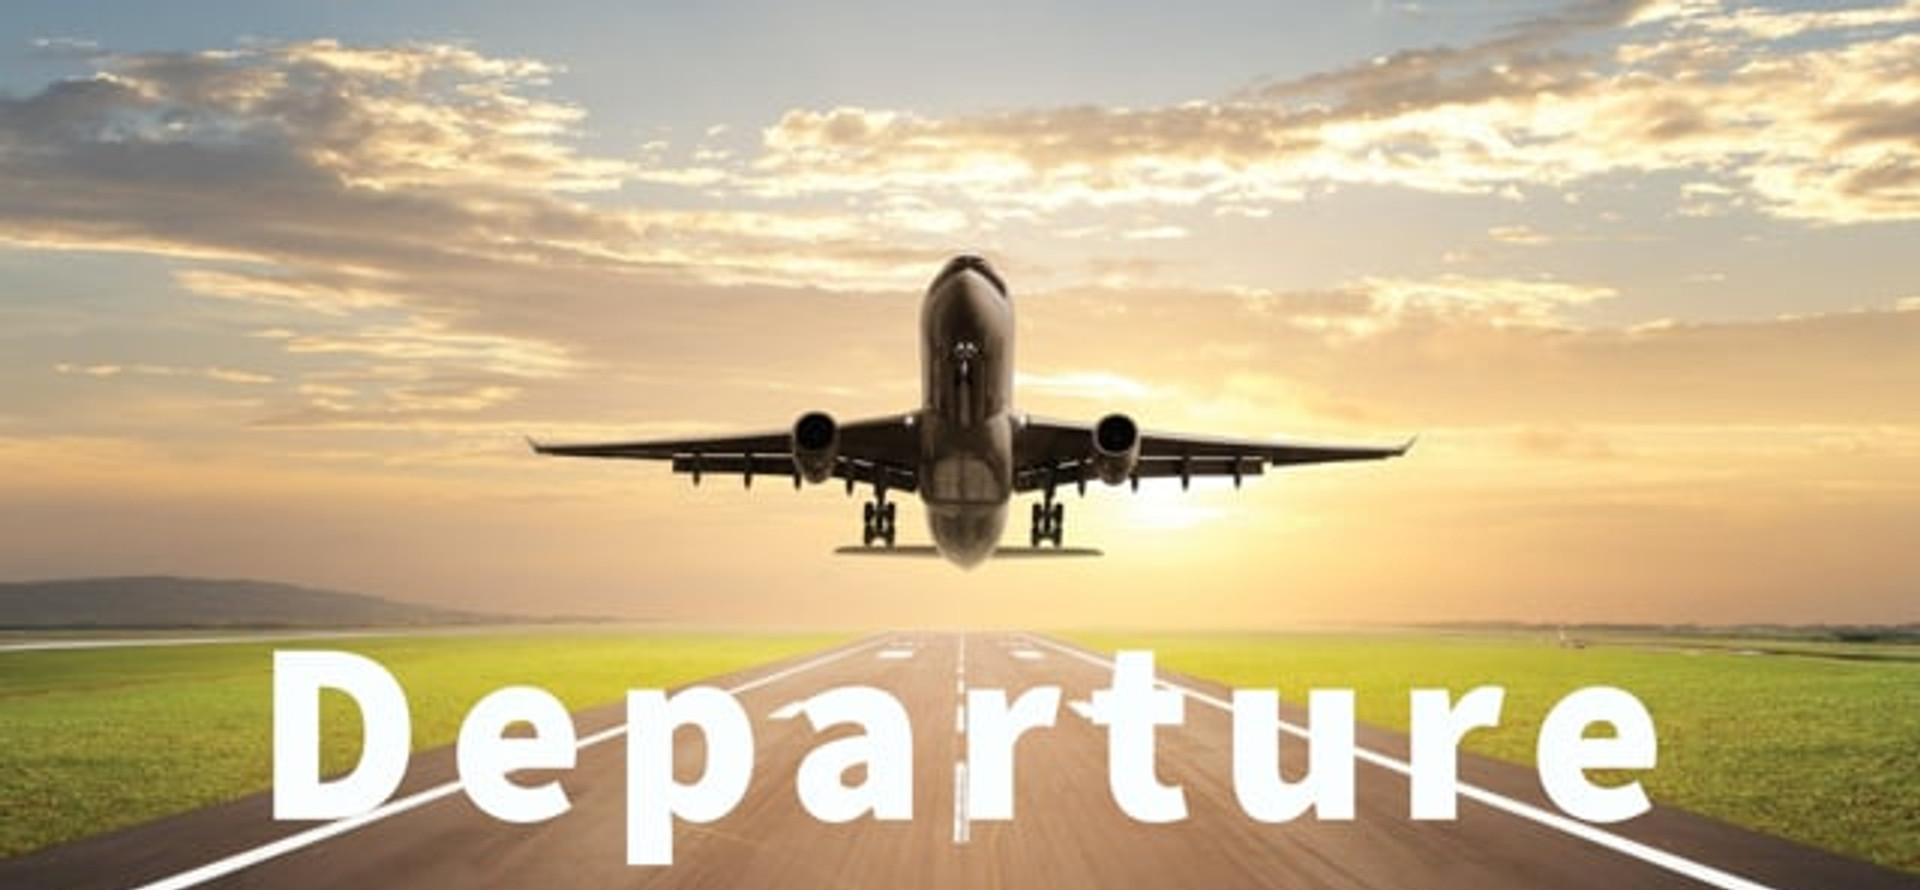 Departure Part 1